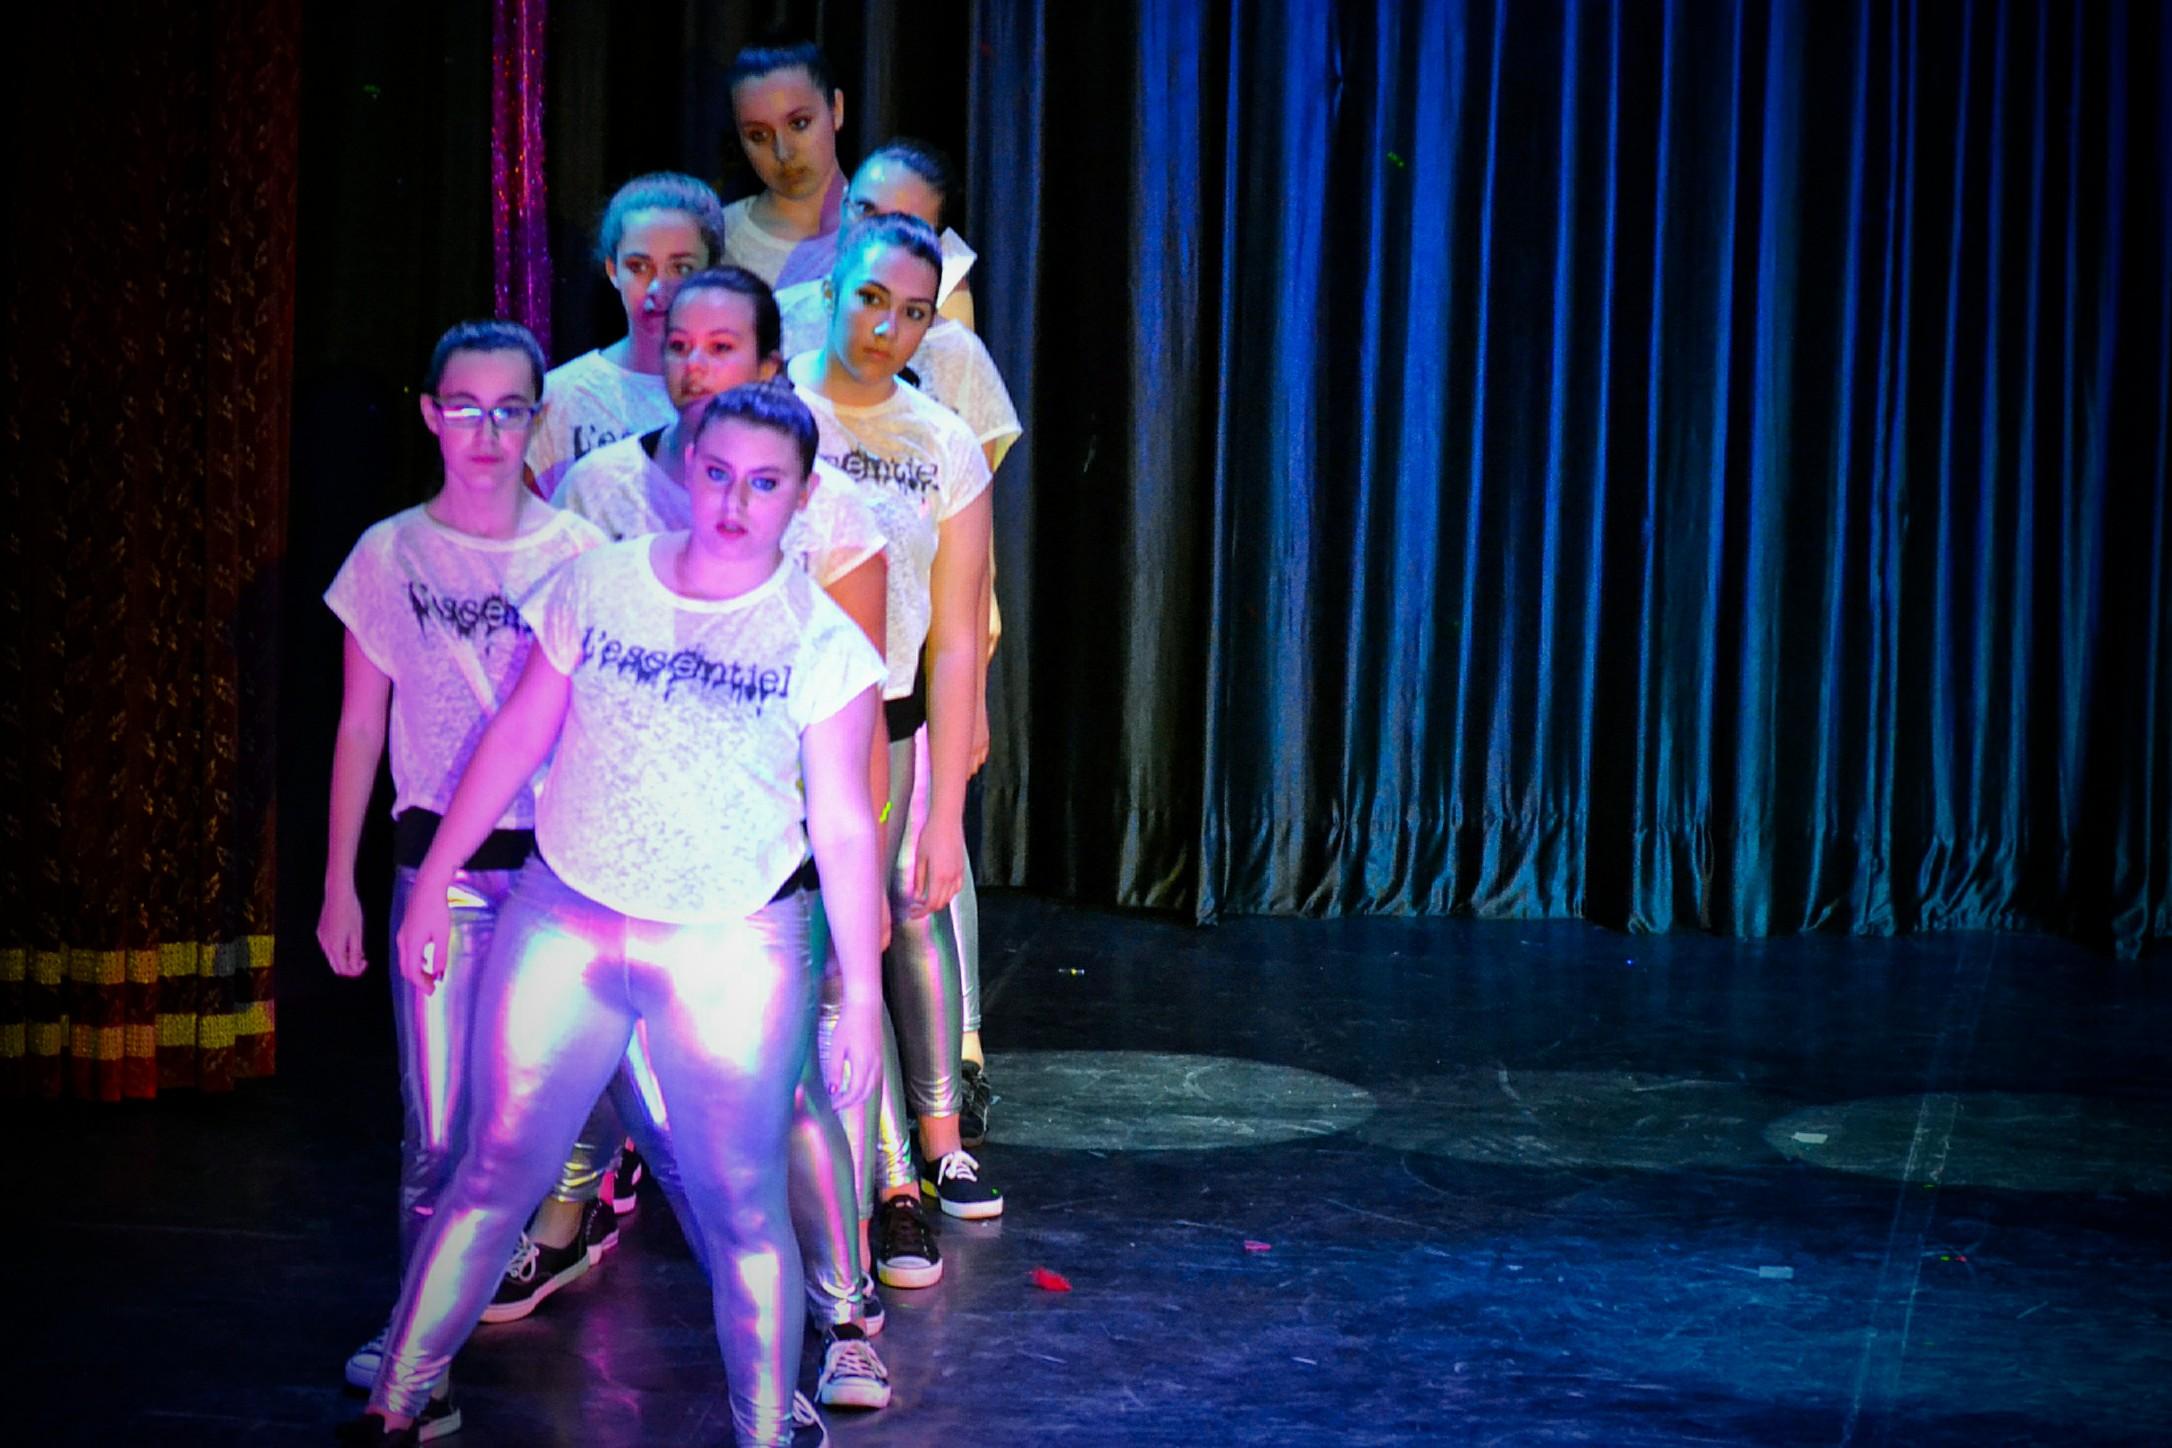 Linea-de-Baile-festival-verano-2015-clases-de-baile-valencia-37